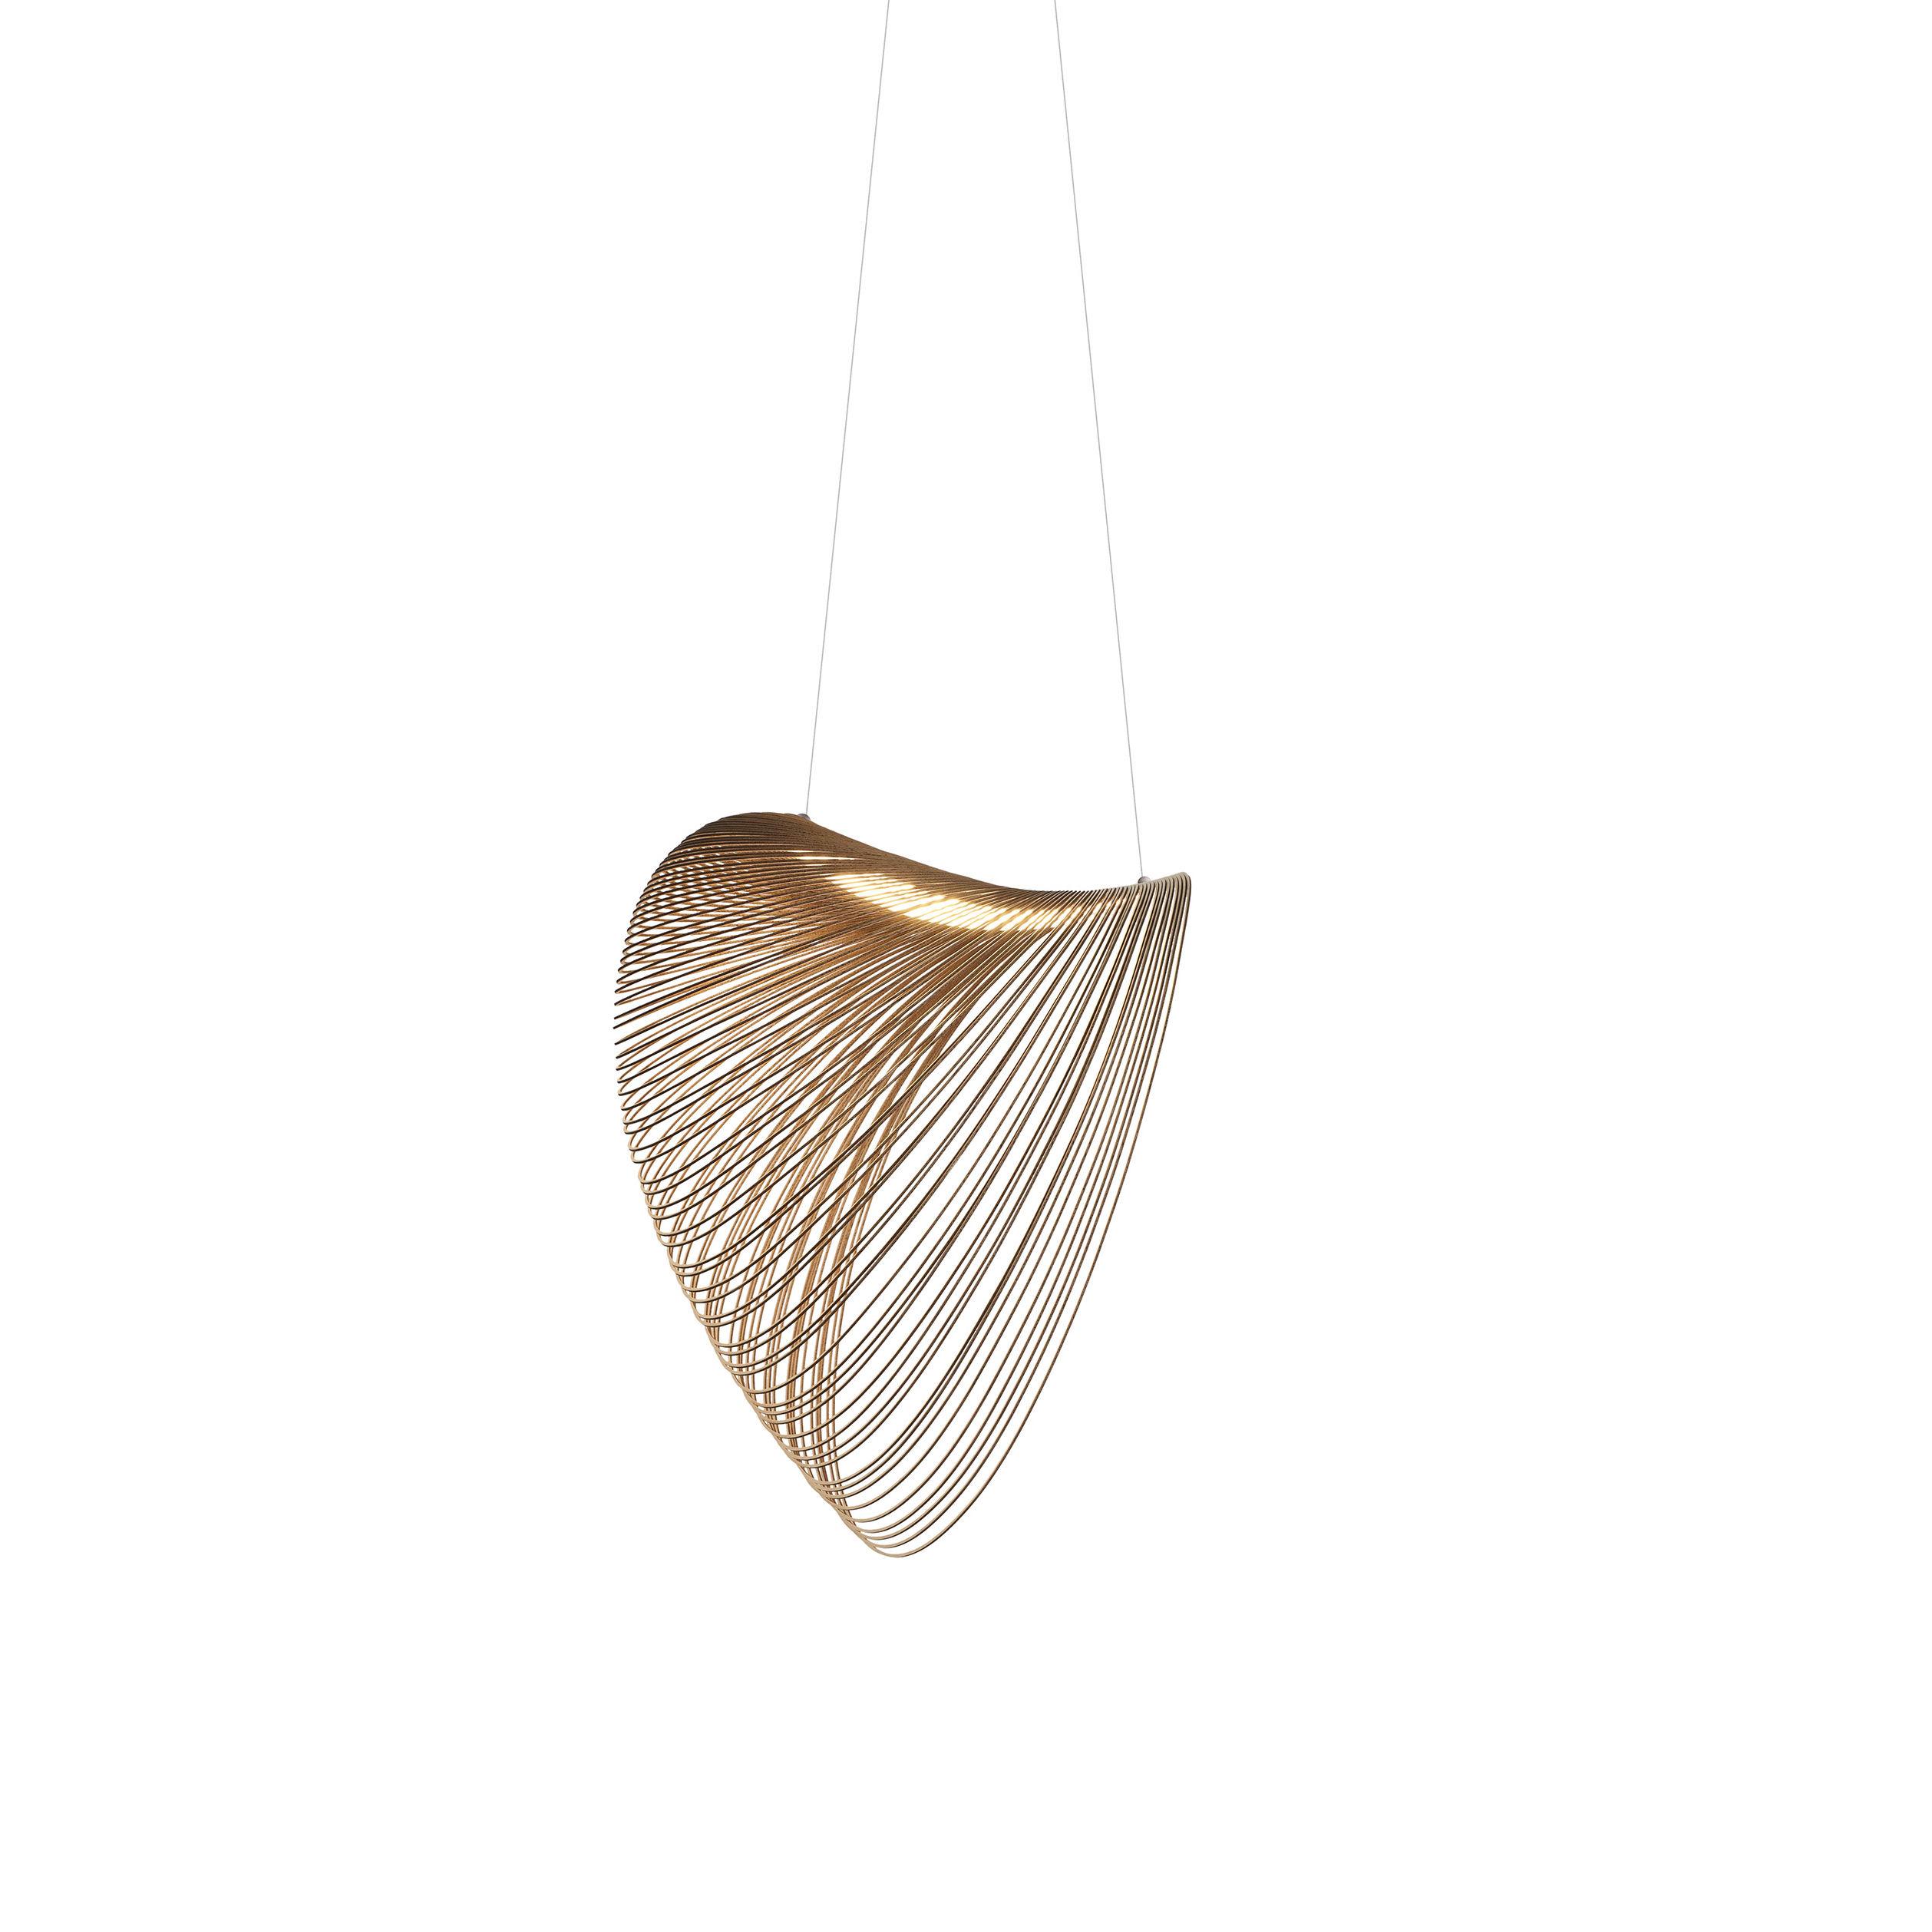 Luminaire - Suspensions - Suspension Illan LED / Ø 60 cm - Bois - Luceplan - Ø 60 cm / Bouleau - Contreplaqué de bouleau